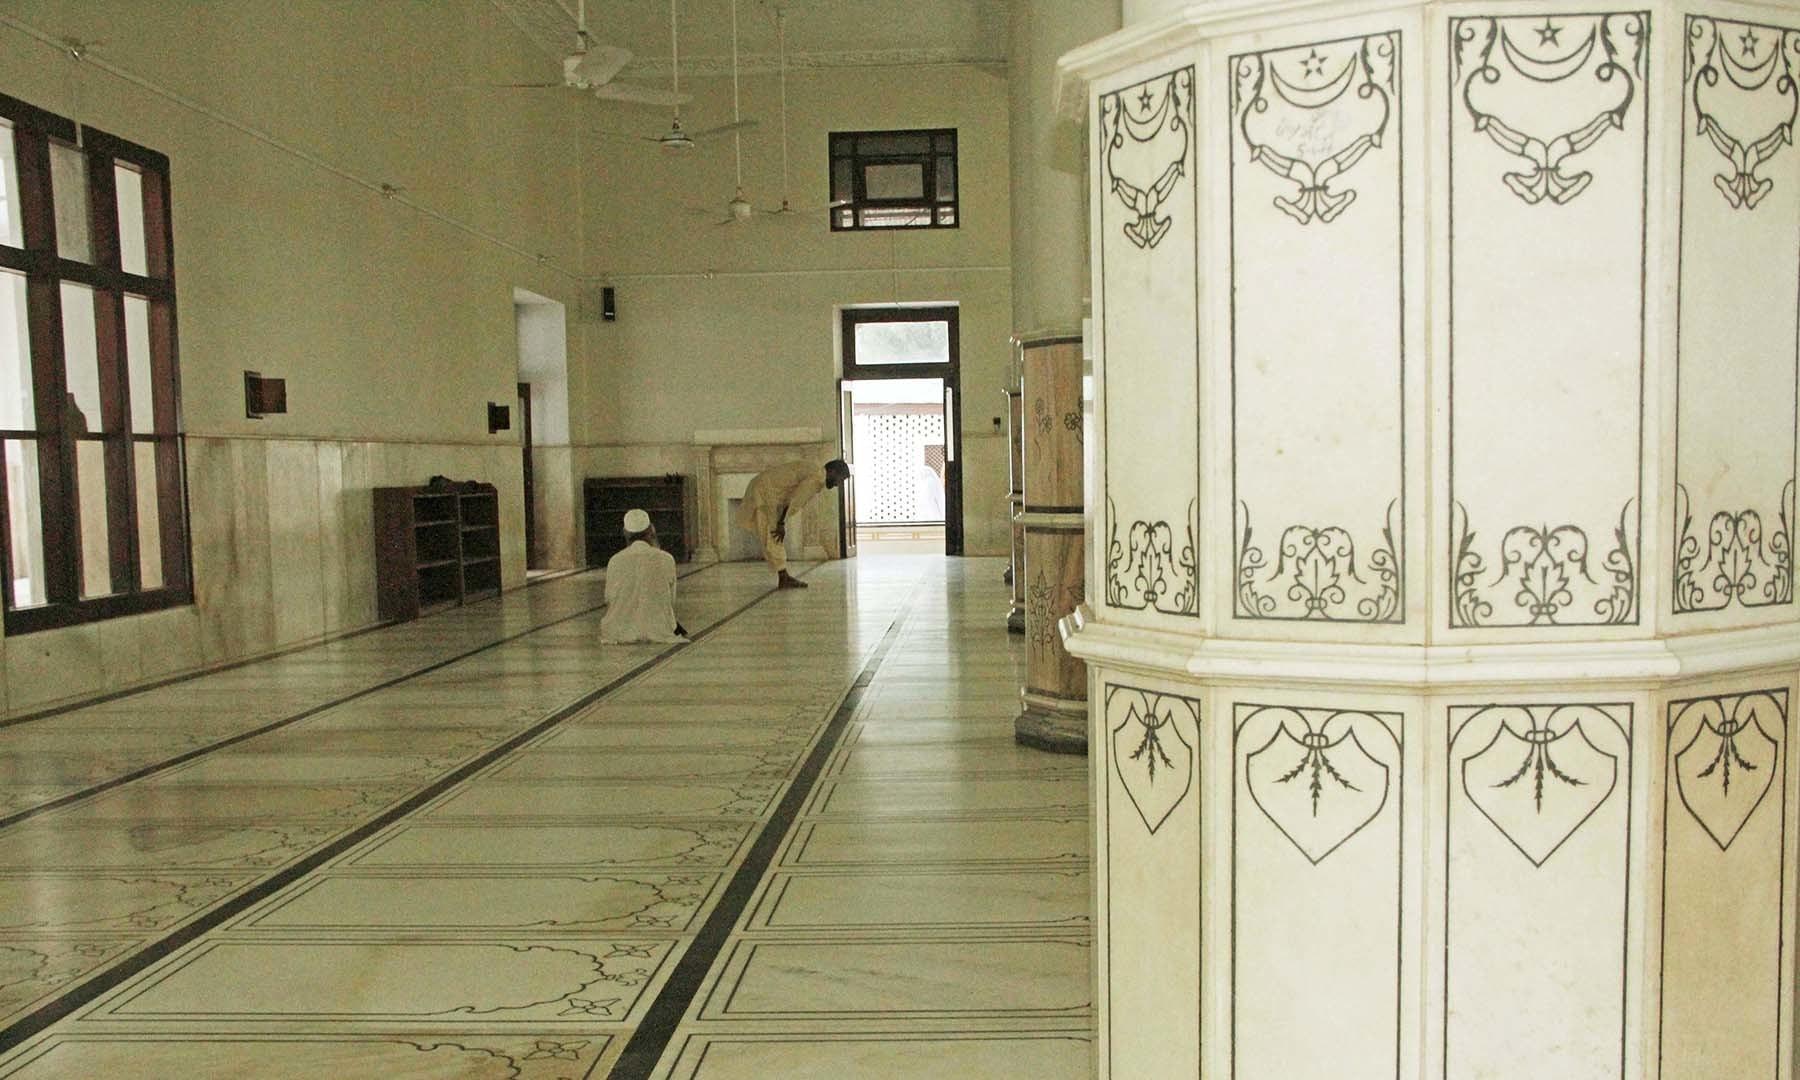 سیدو بابا مسجد جس کے اندر استعمال ہونے والا مرمر ہندوستان سے منگوایا گیا تھا— فوٹو امجد علی سحاب